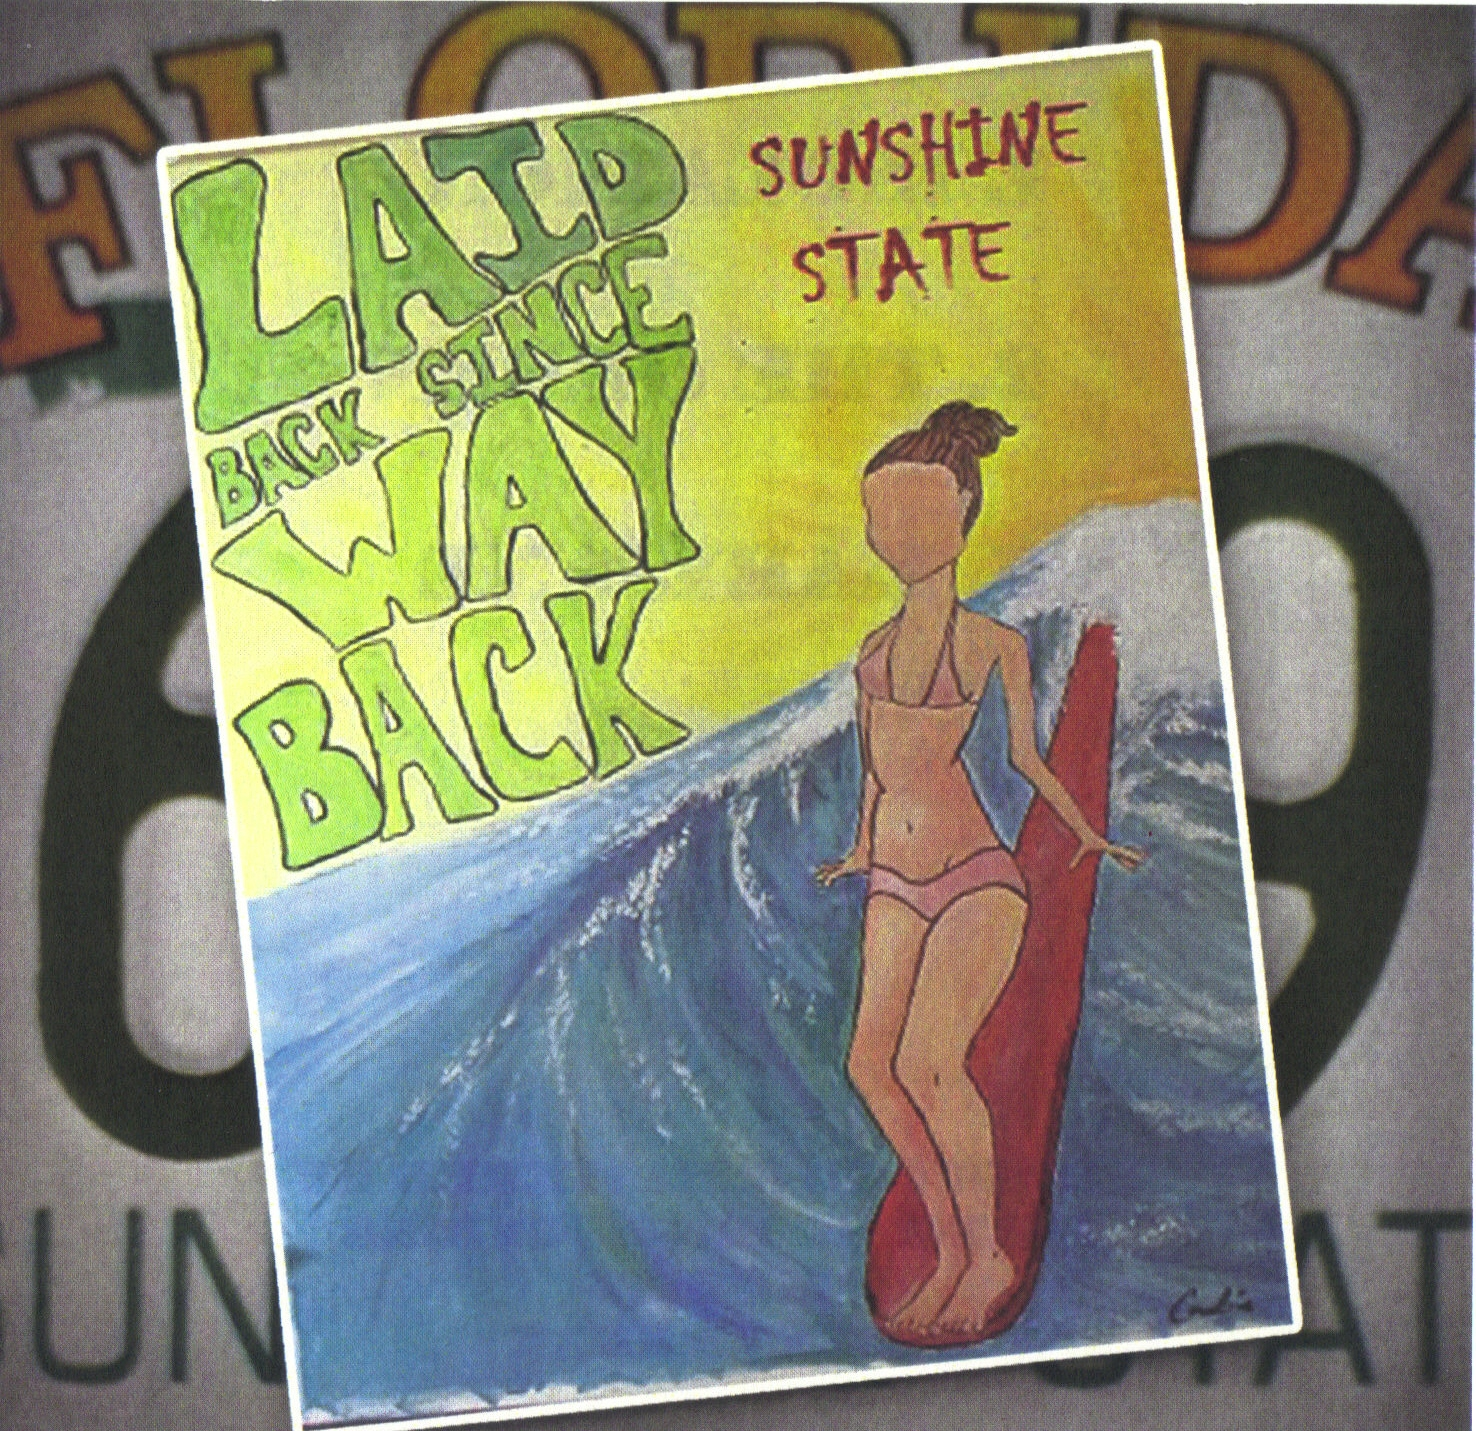 Sunshine State - Day Job